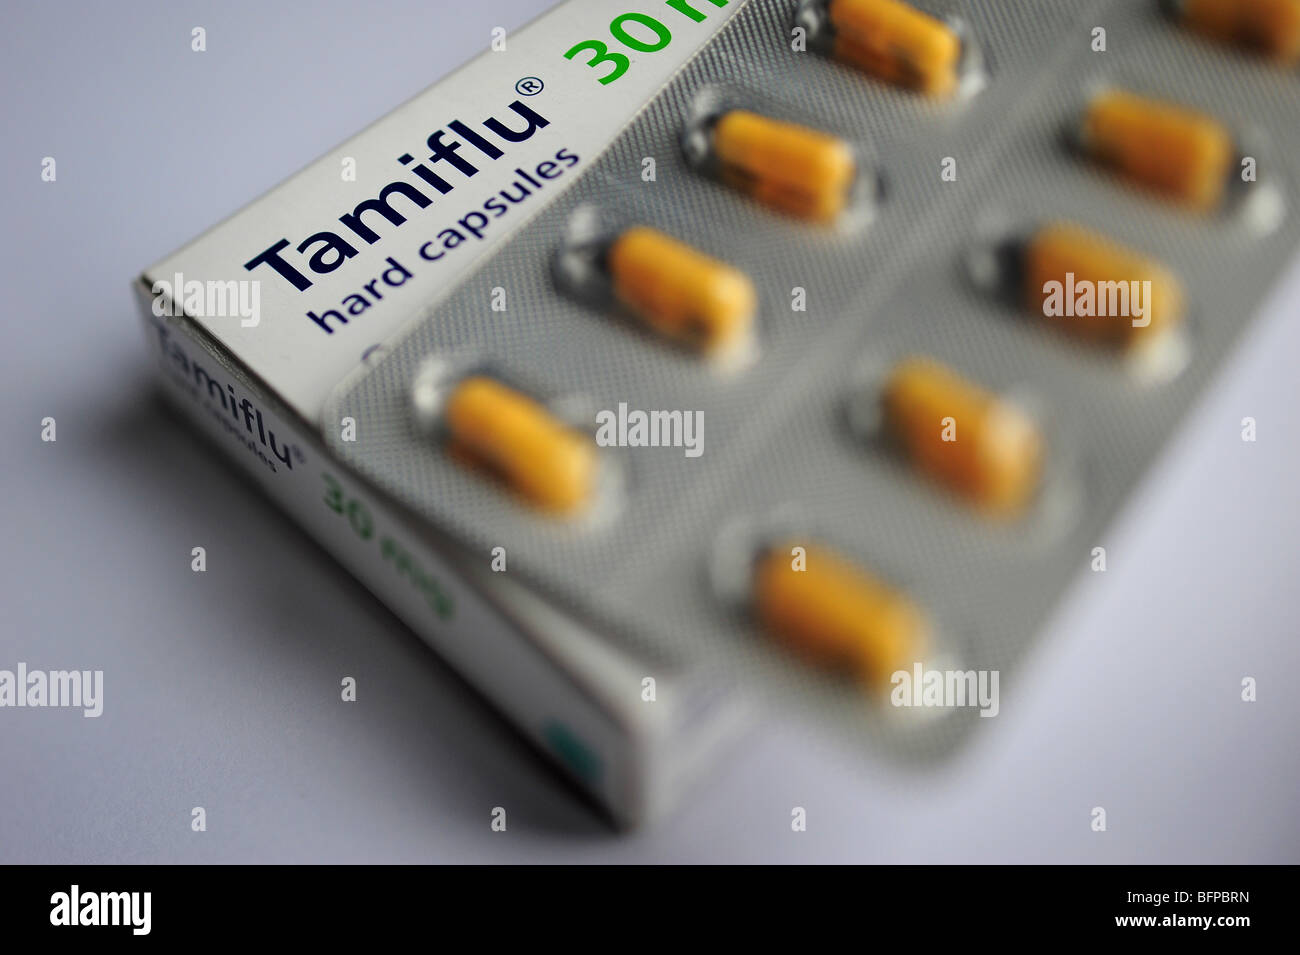 Tamiflu capsule tablets, the drug used to treat swine flu - Stock Image